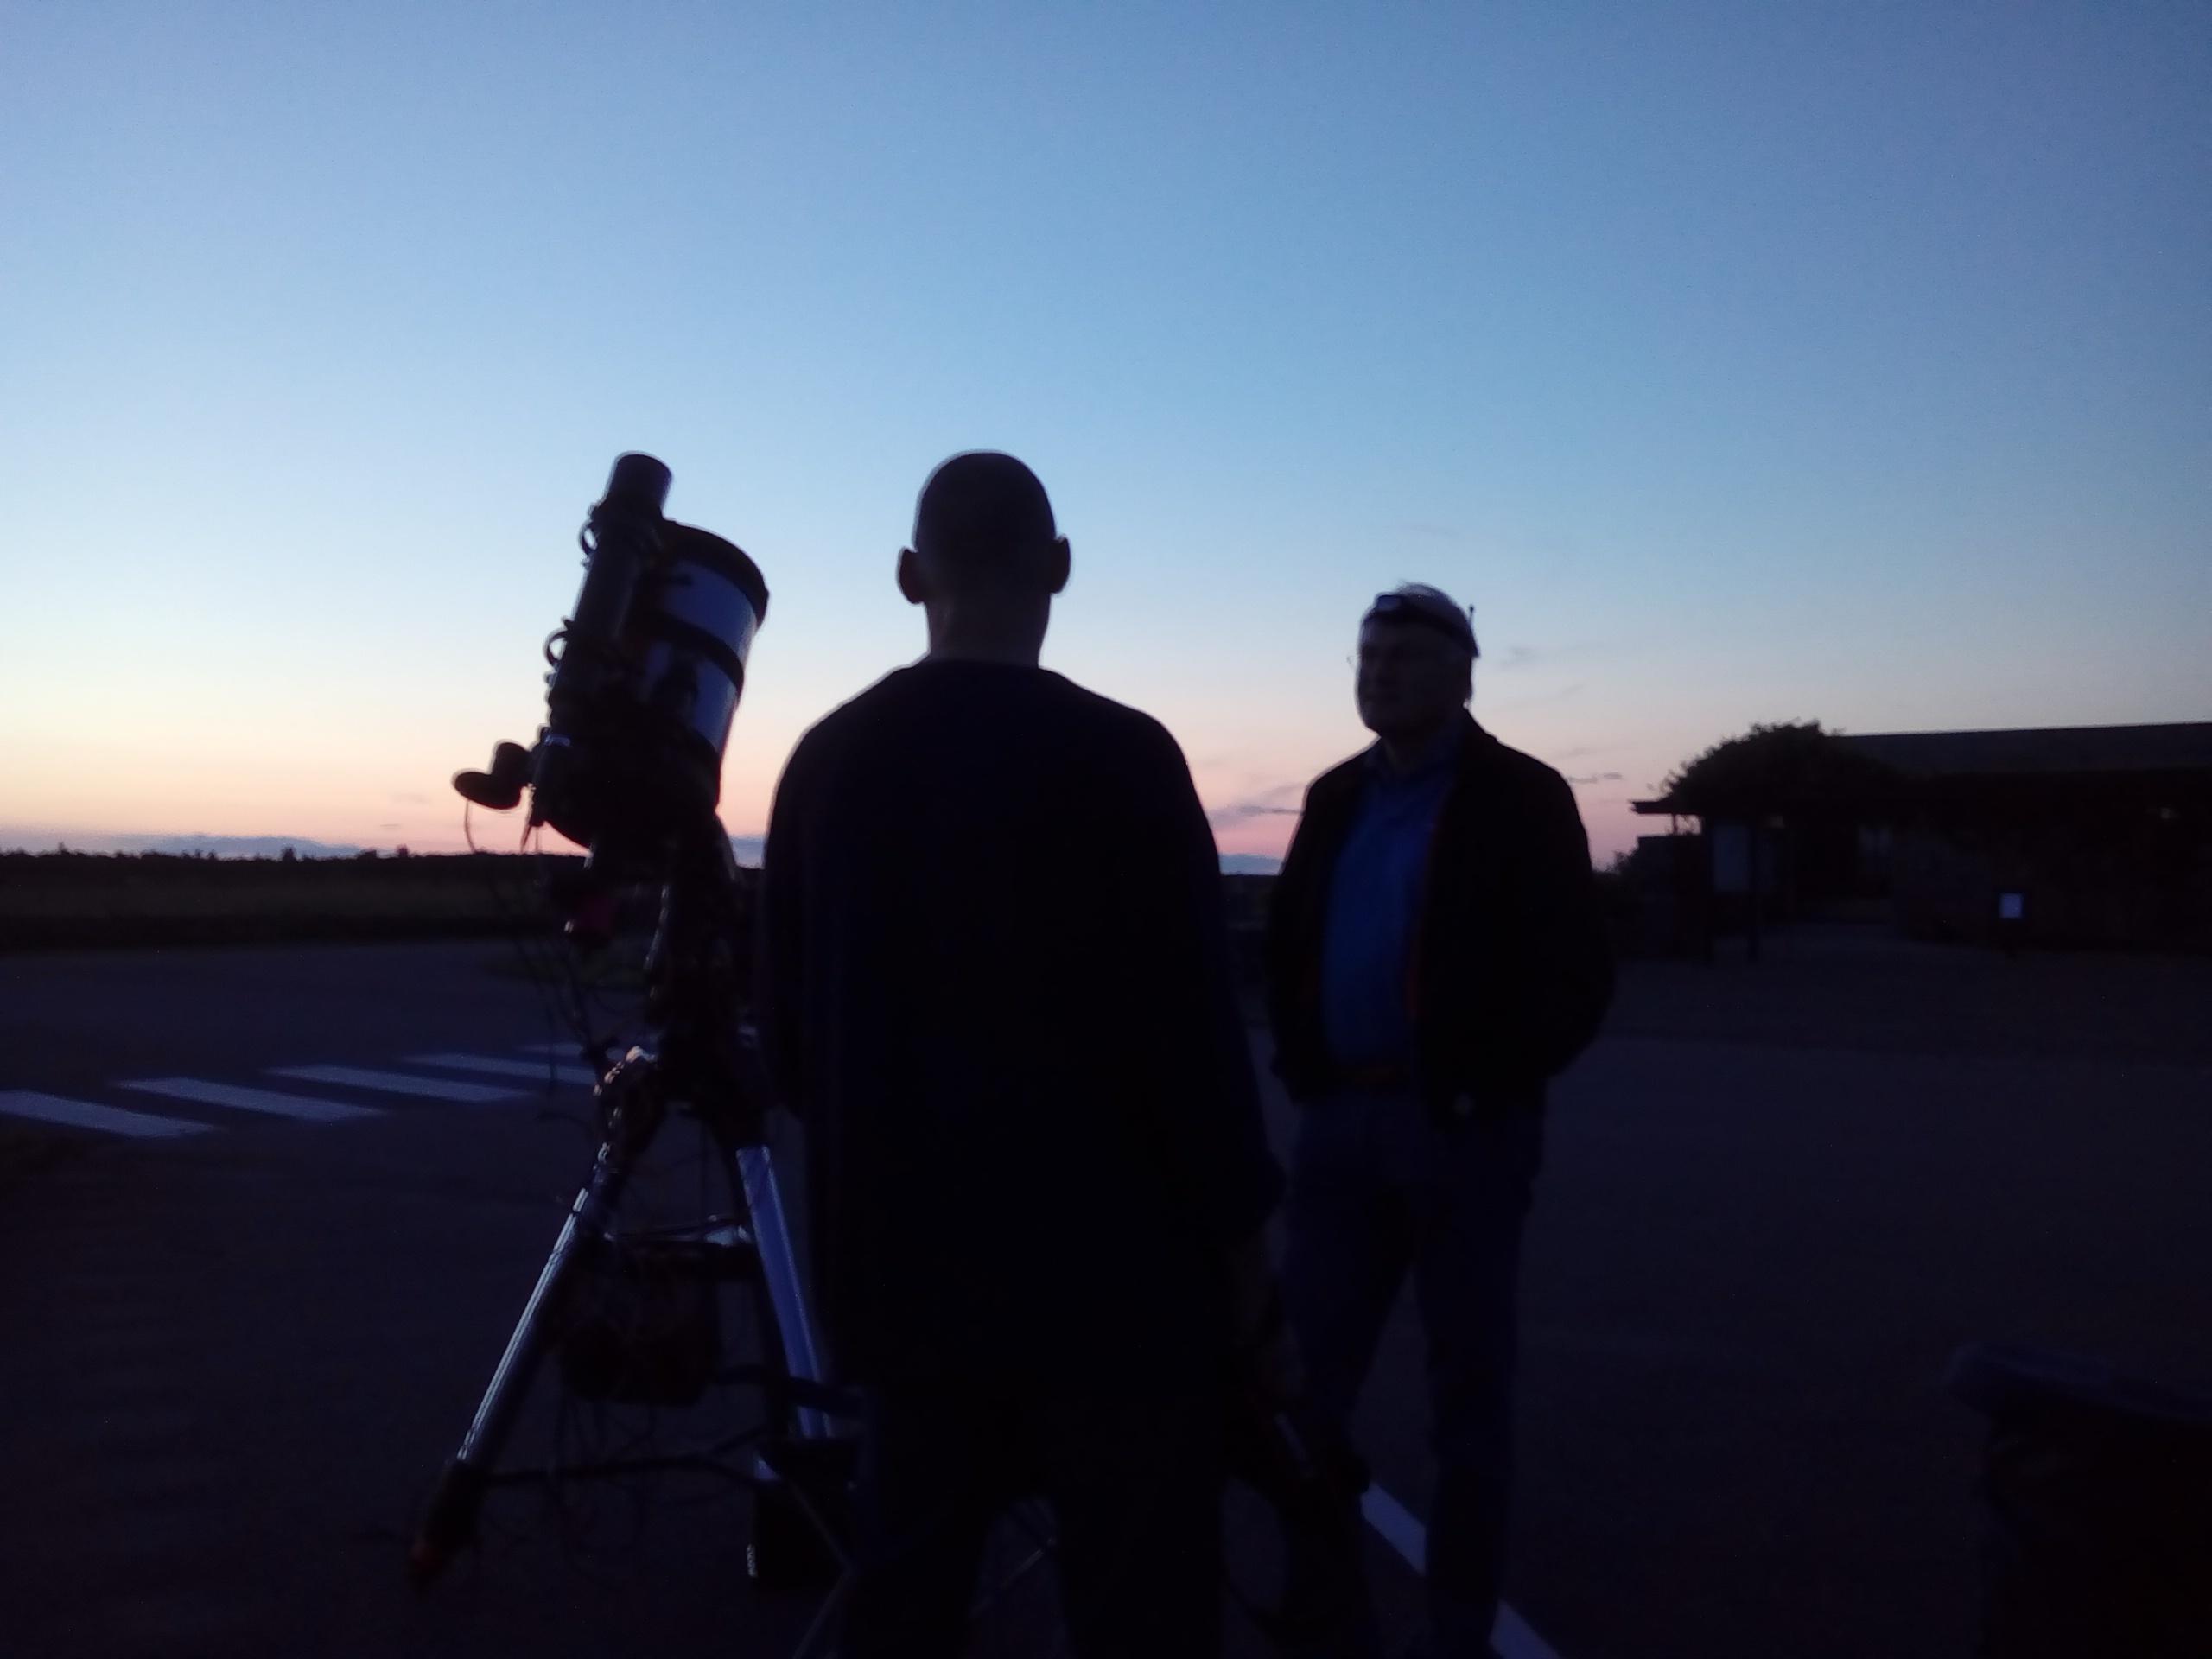 Sagittarius 2017 -Eketorps parkering, en hel del deltagare med instrument hade samlats för en klar men mycket daggig obsnatt. Så det var daggvärmare påsatt som gällde. Foto: Jörgen Danielsson